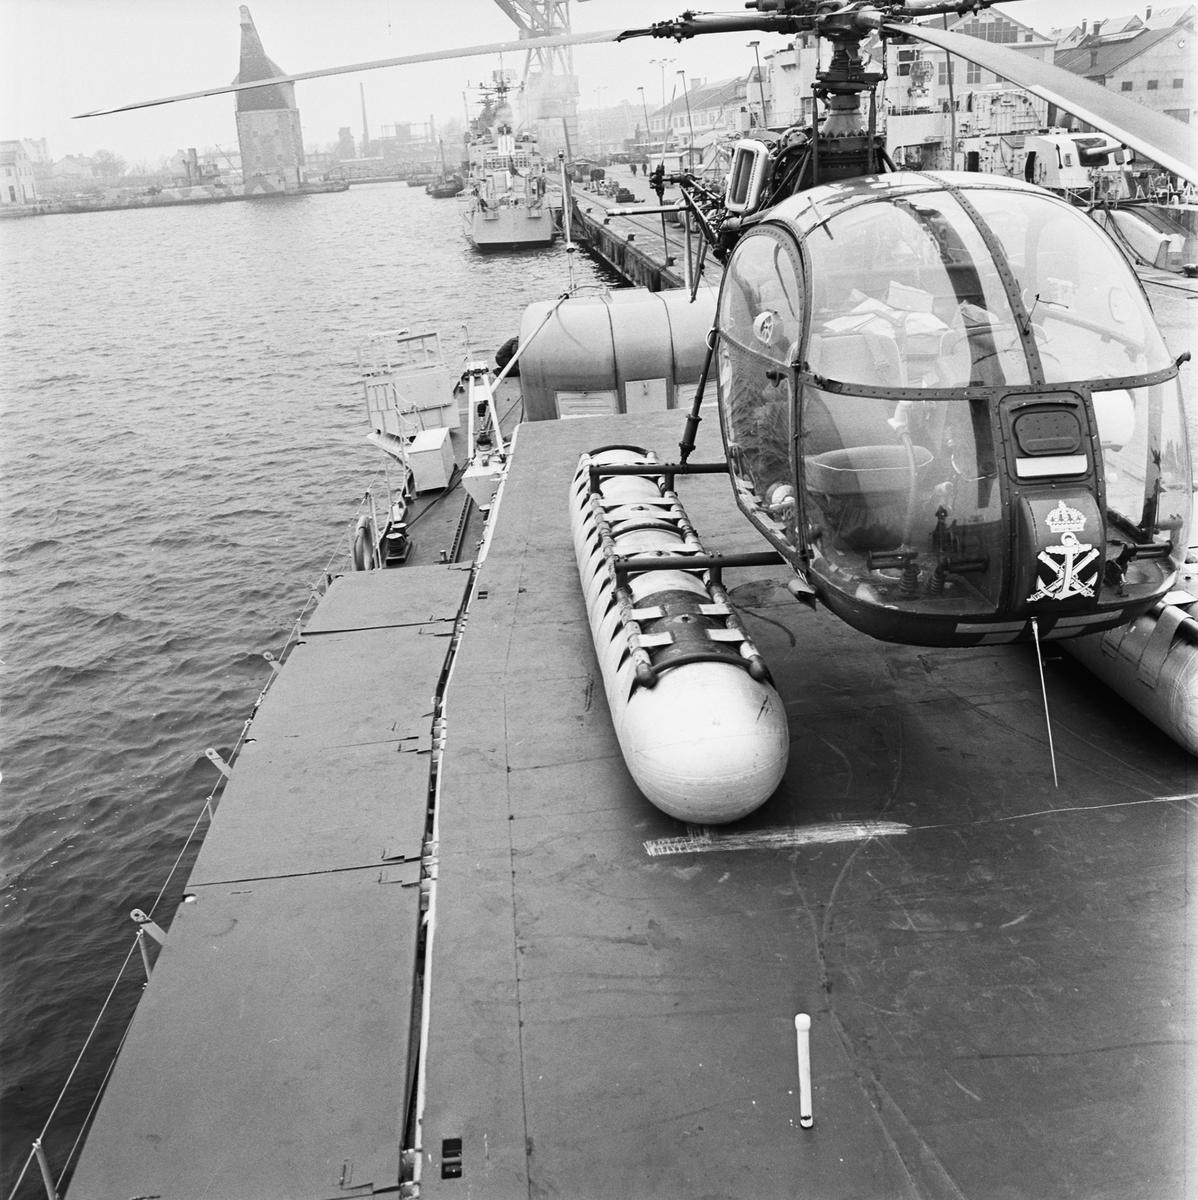 Övrigt: Fotodatum 9/11 1966 Byggnader och Kranar Freg. Sundsvall helikopterdäck